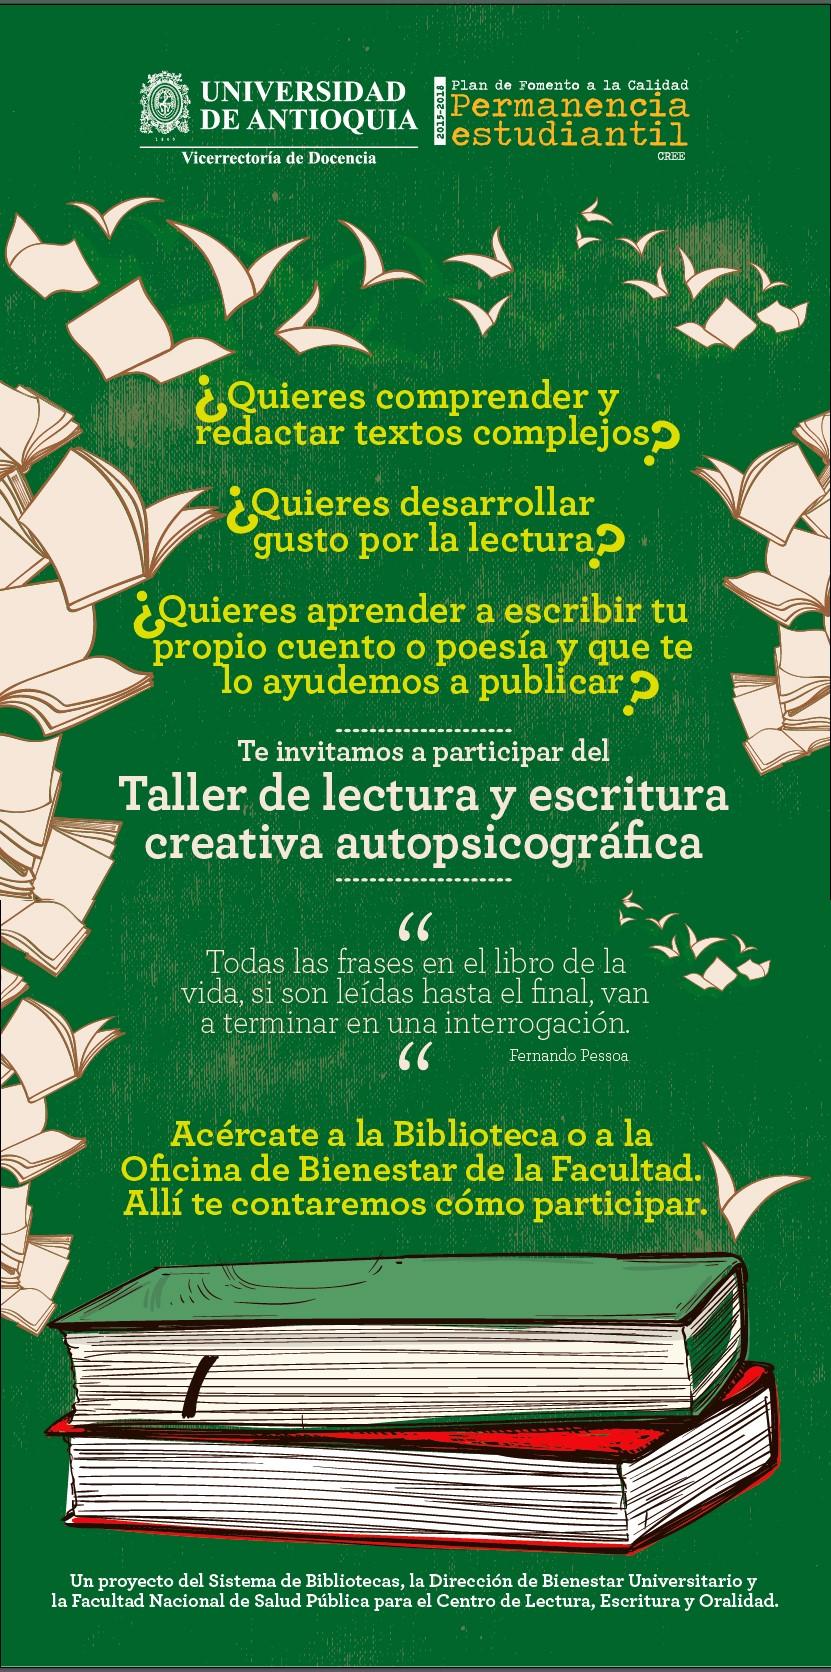 Taller De Lectura Y Escritura Creativa Autopsicográfica